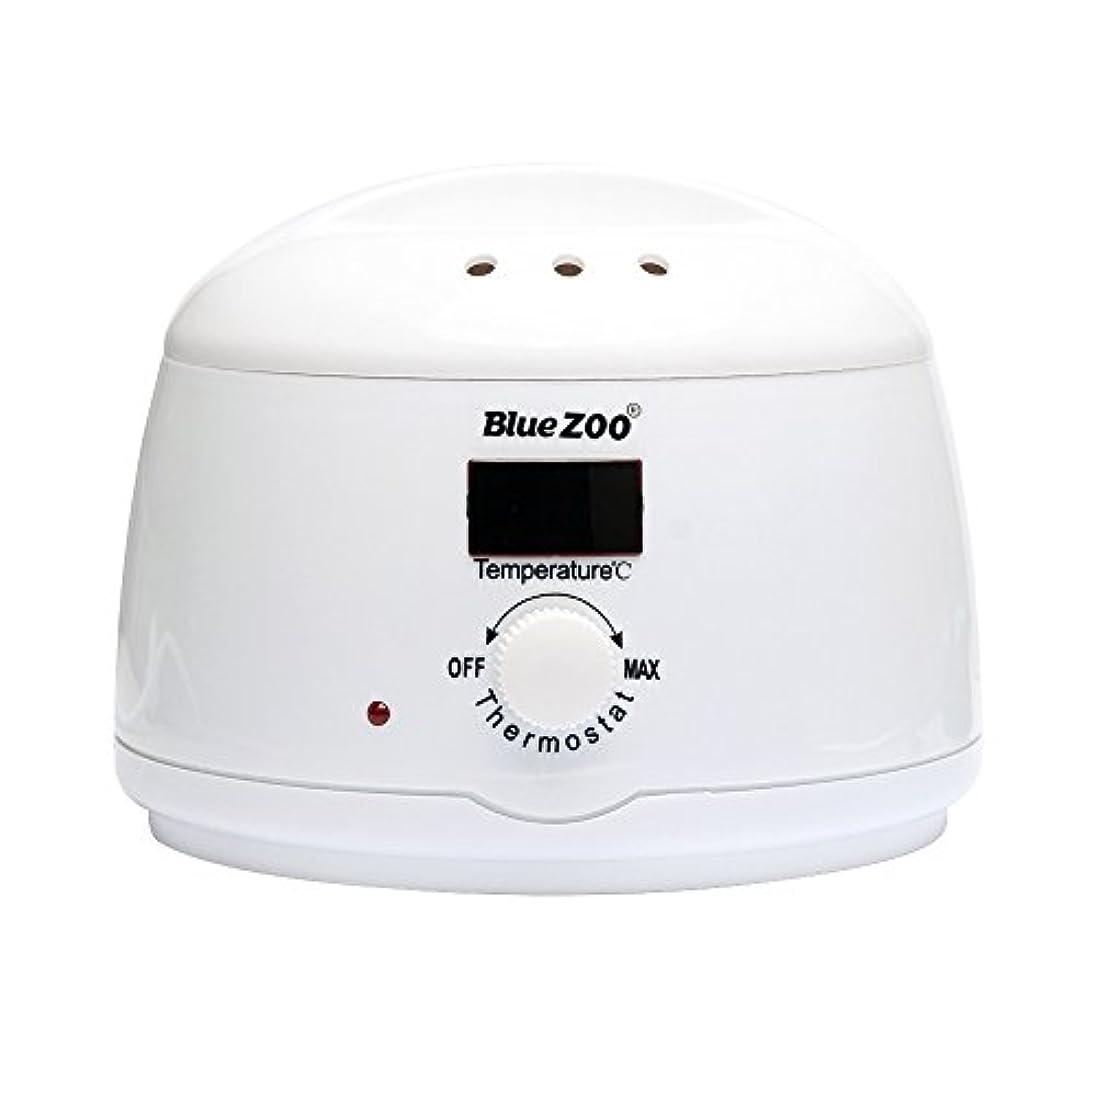 一般化する雑種デッキRabugoo セクシー デジタル表示ワックス豆ワイマー脱毛ホットワックスヒーターマシン Digital display British regulations